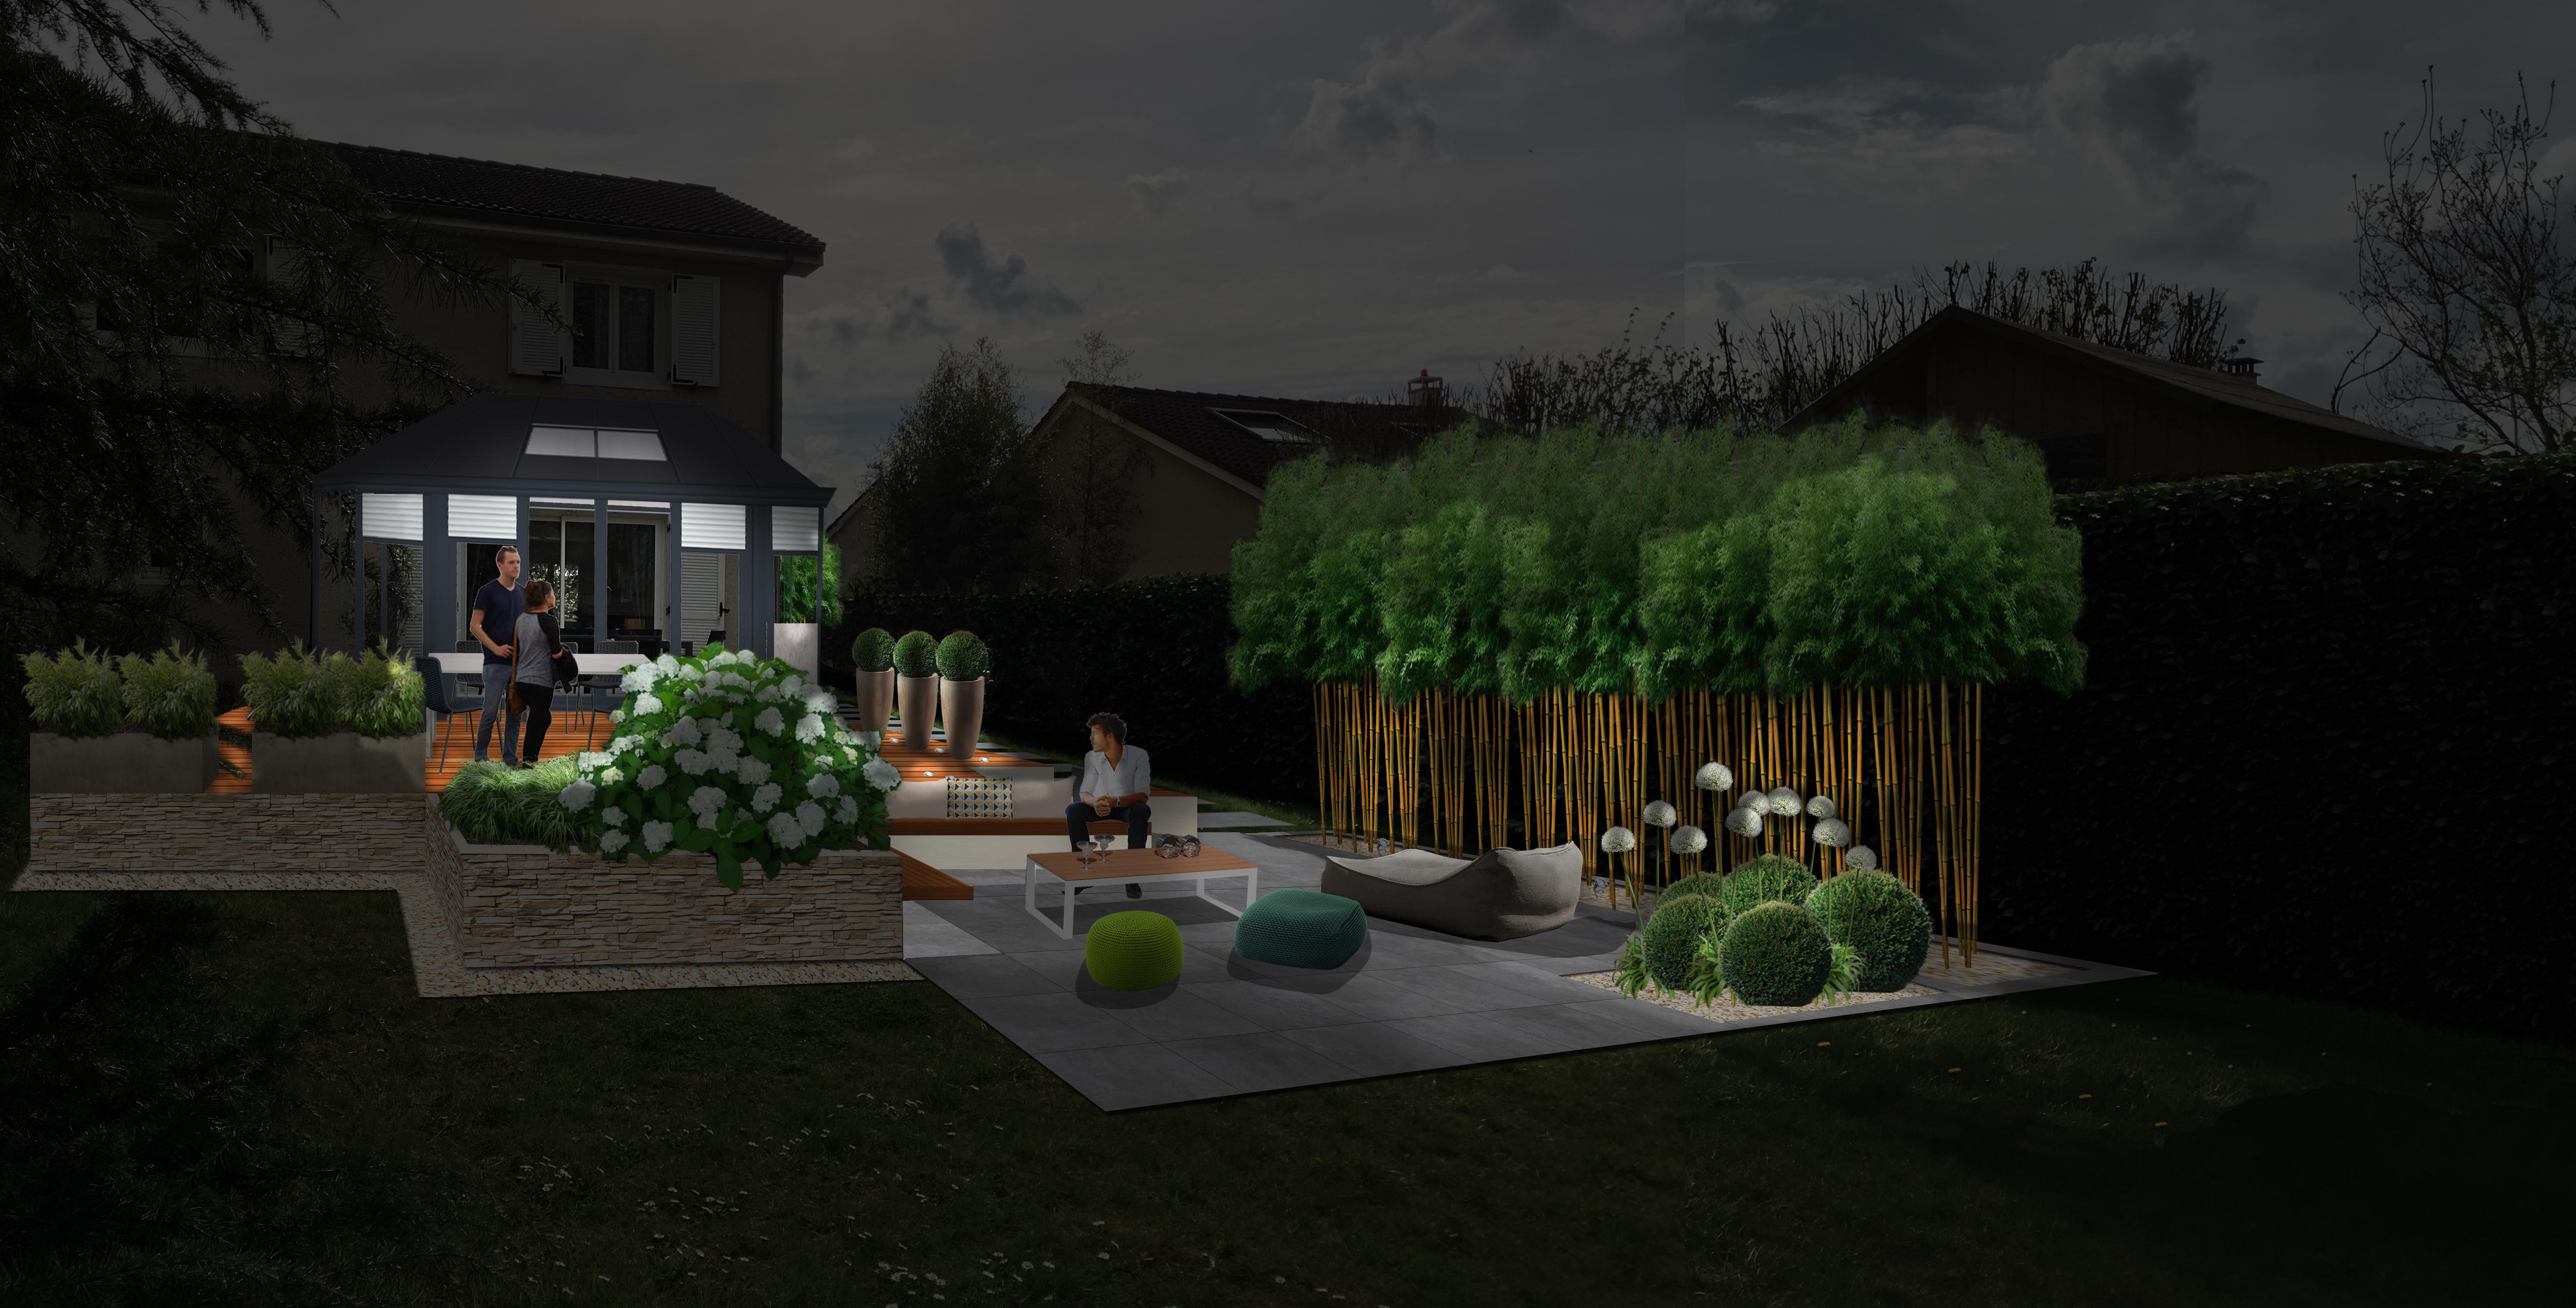 Plantes Pour Jardin Contemporain jardin contemporain zen et ÉpurÉ, la claye-souilly (77